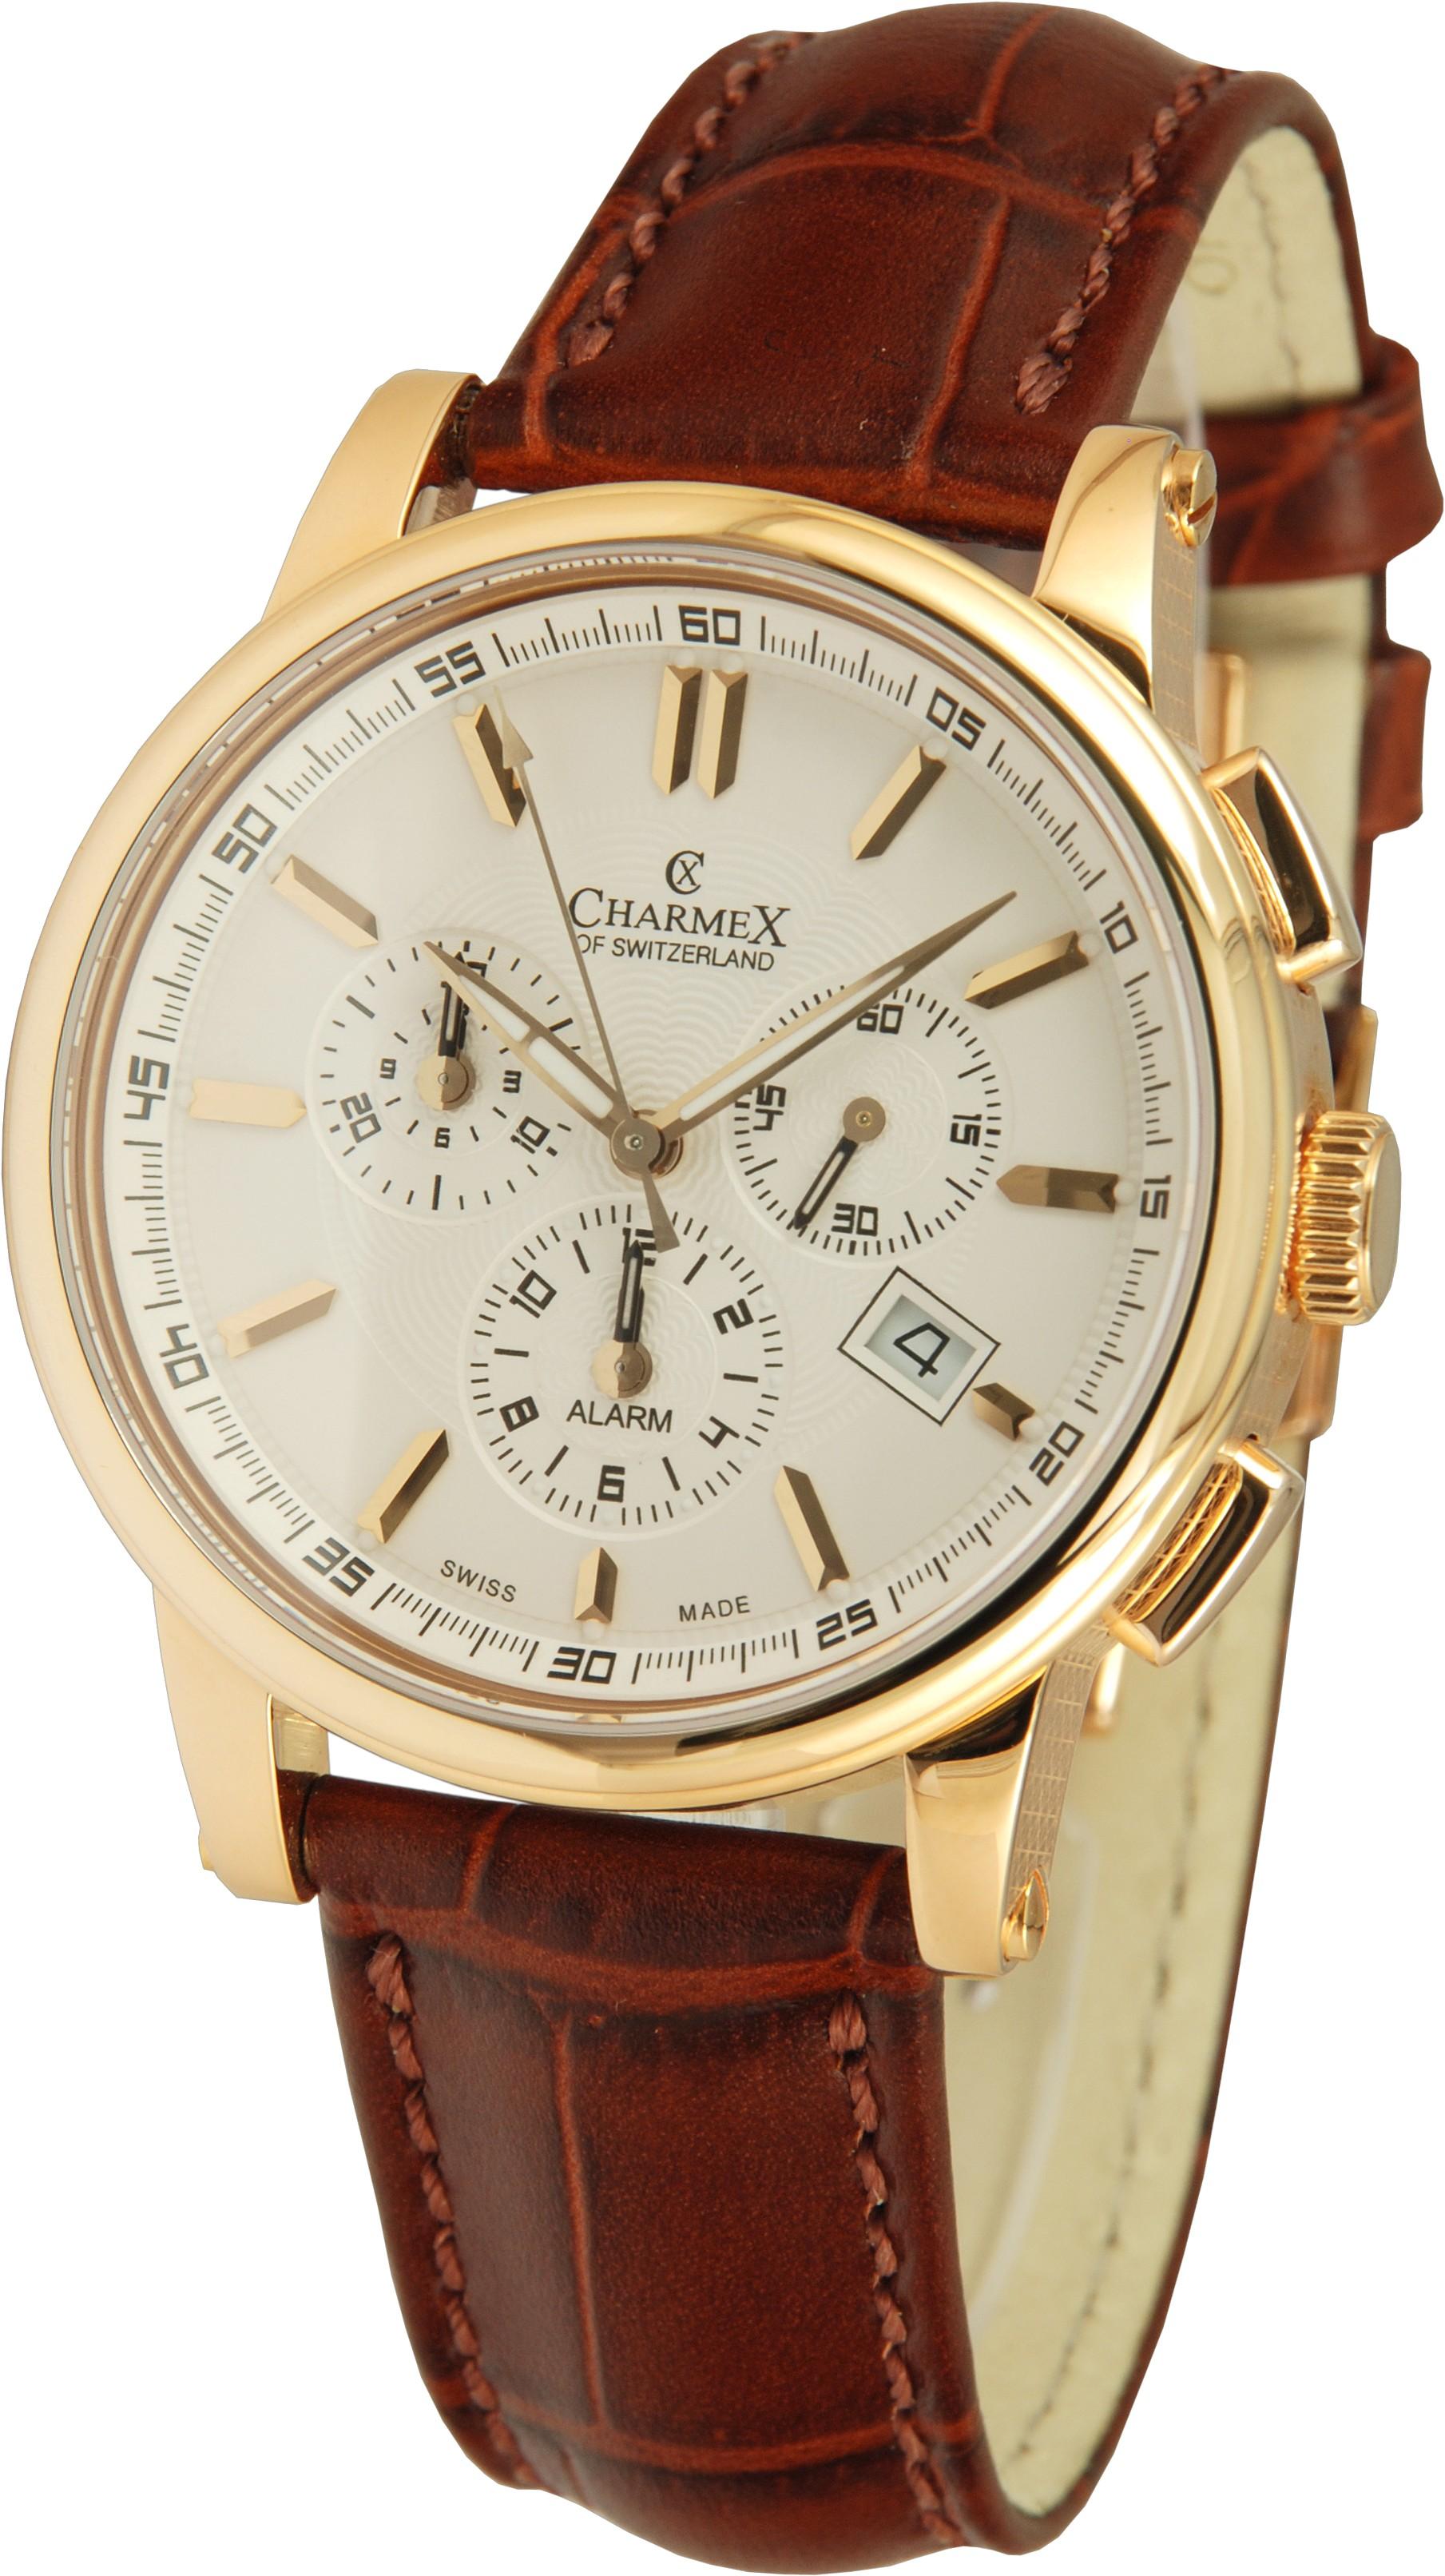 Купить часы женские наручные швейцарские оригинал с бриллиантами